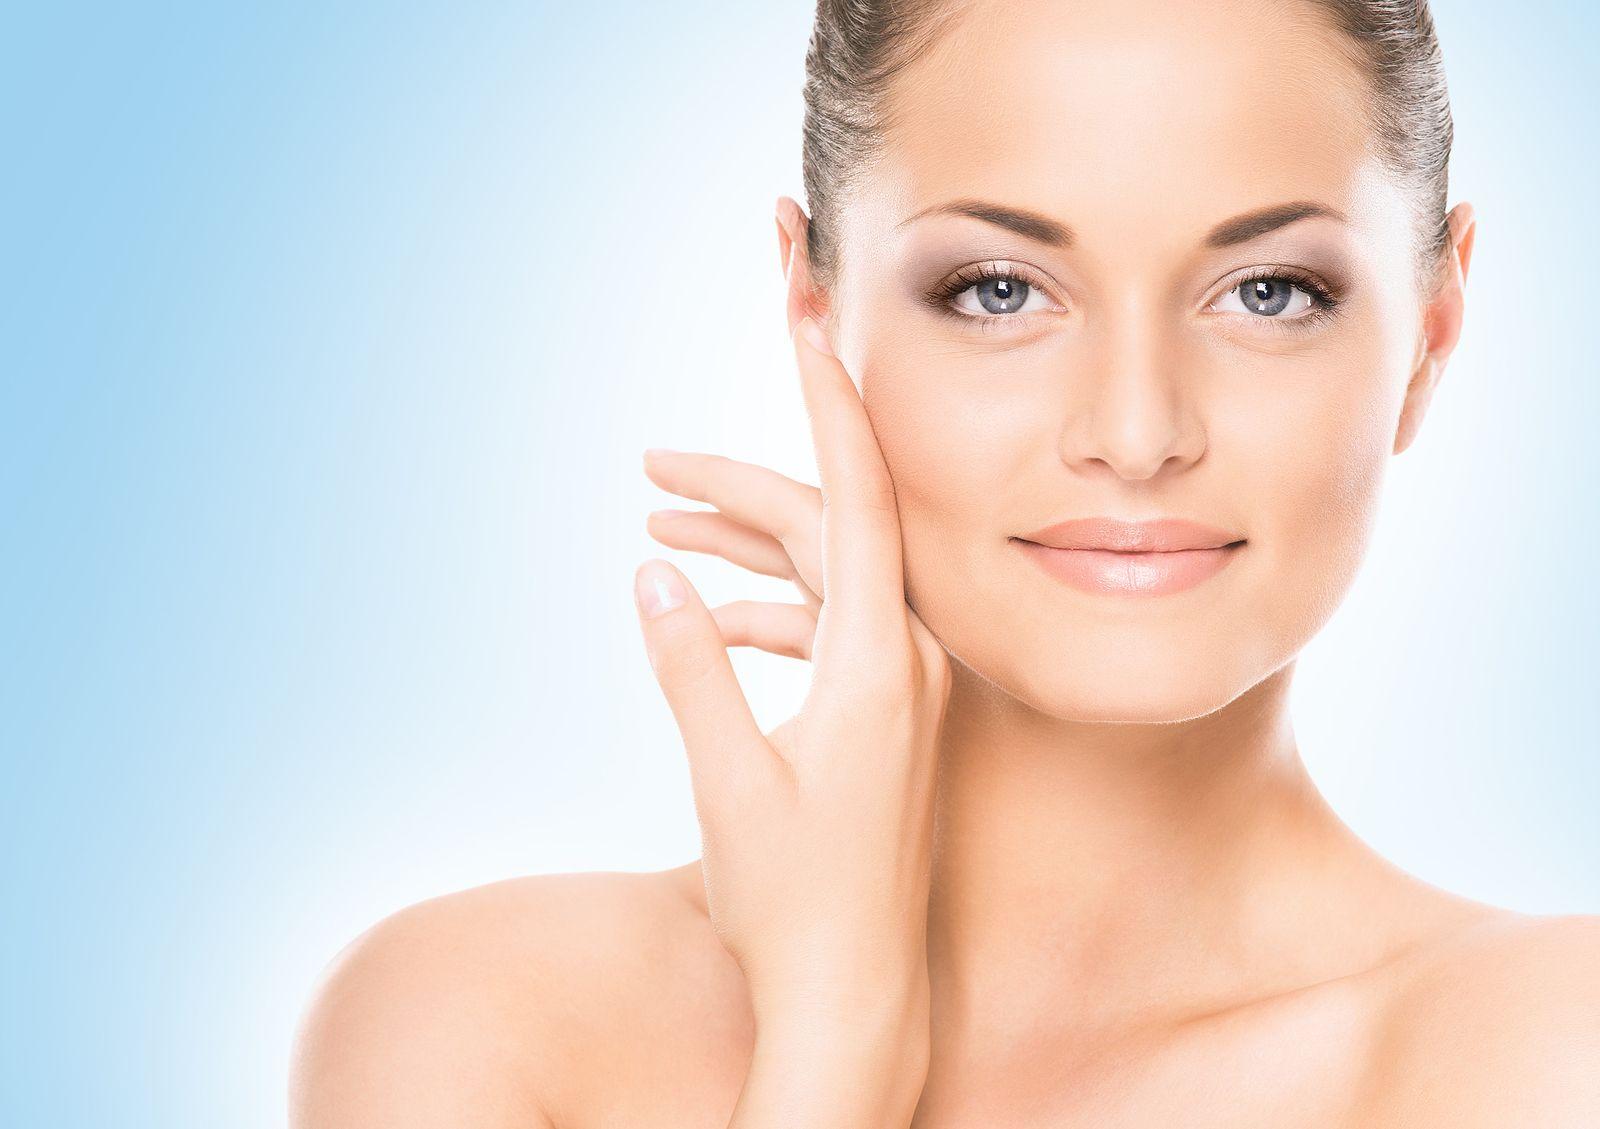 Применение Гепариновой мази в косметологии: борьба с морщинами и синяками